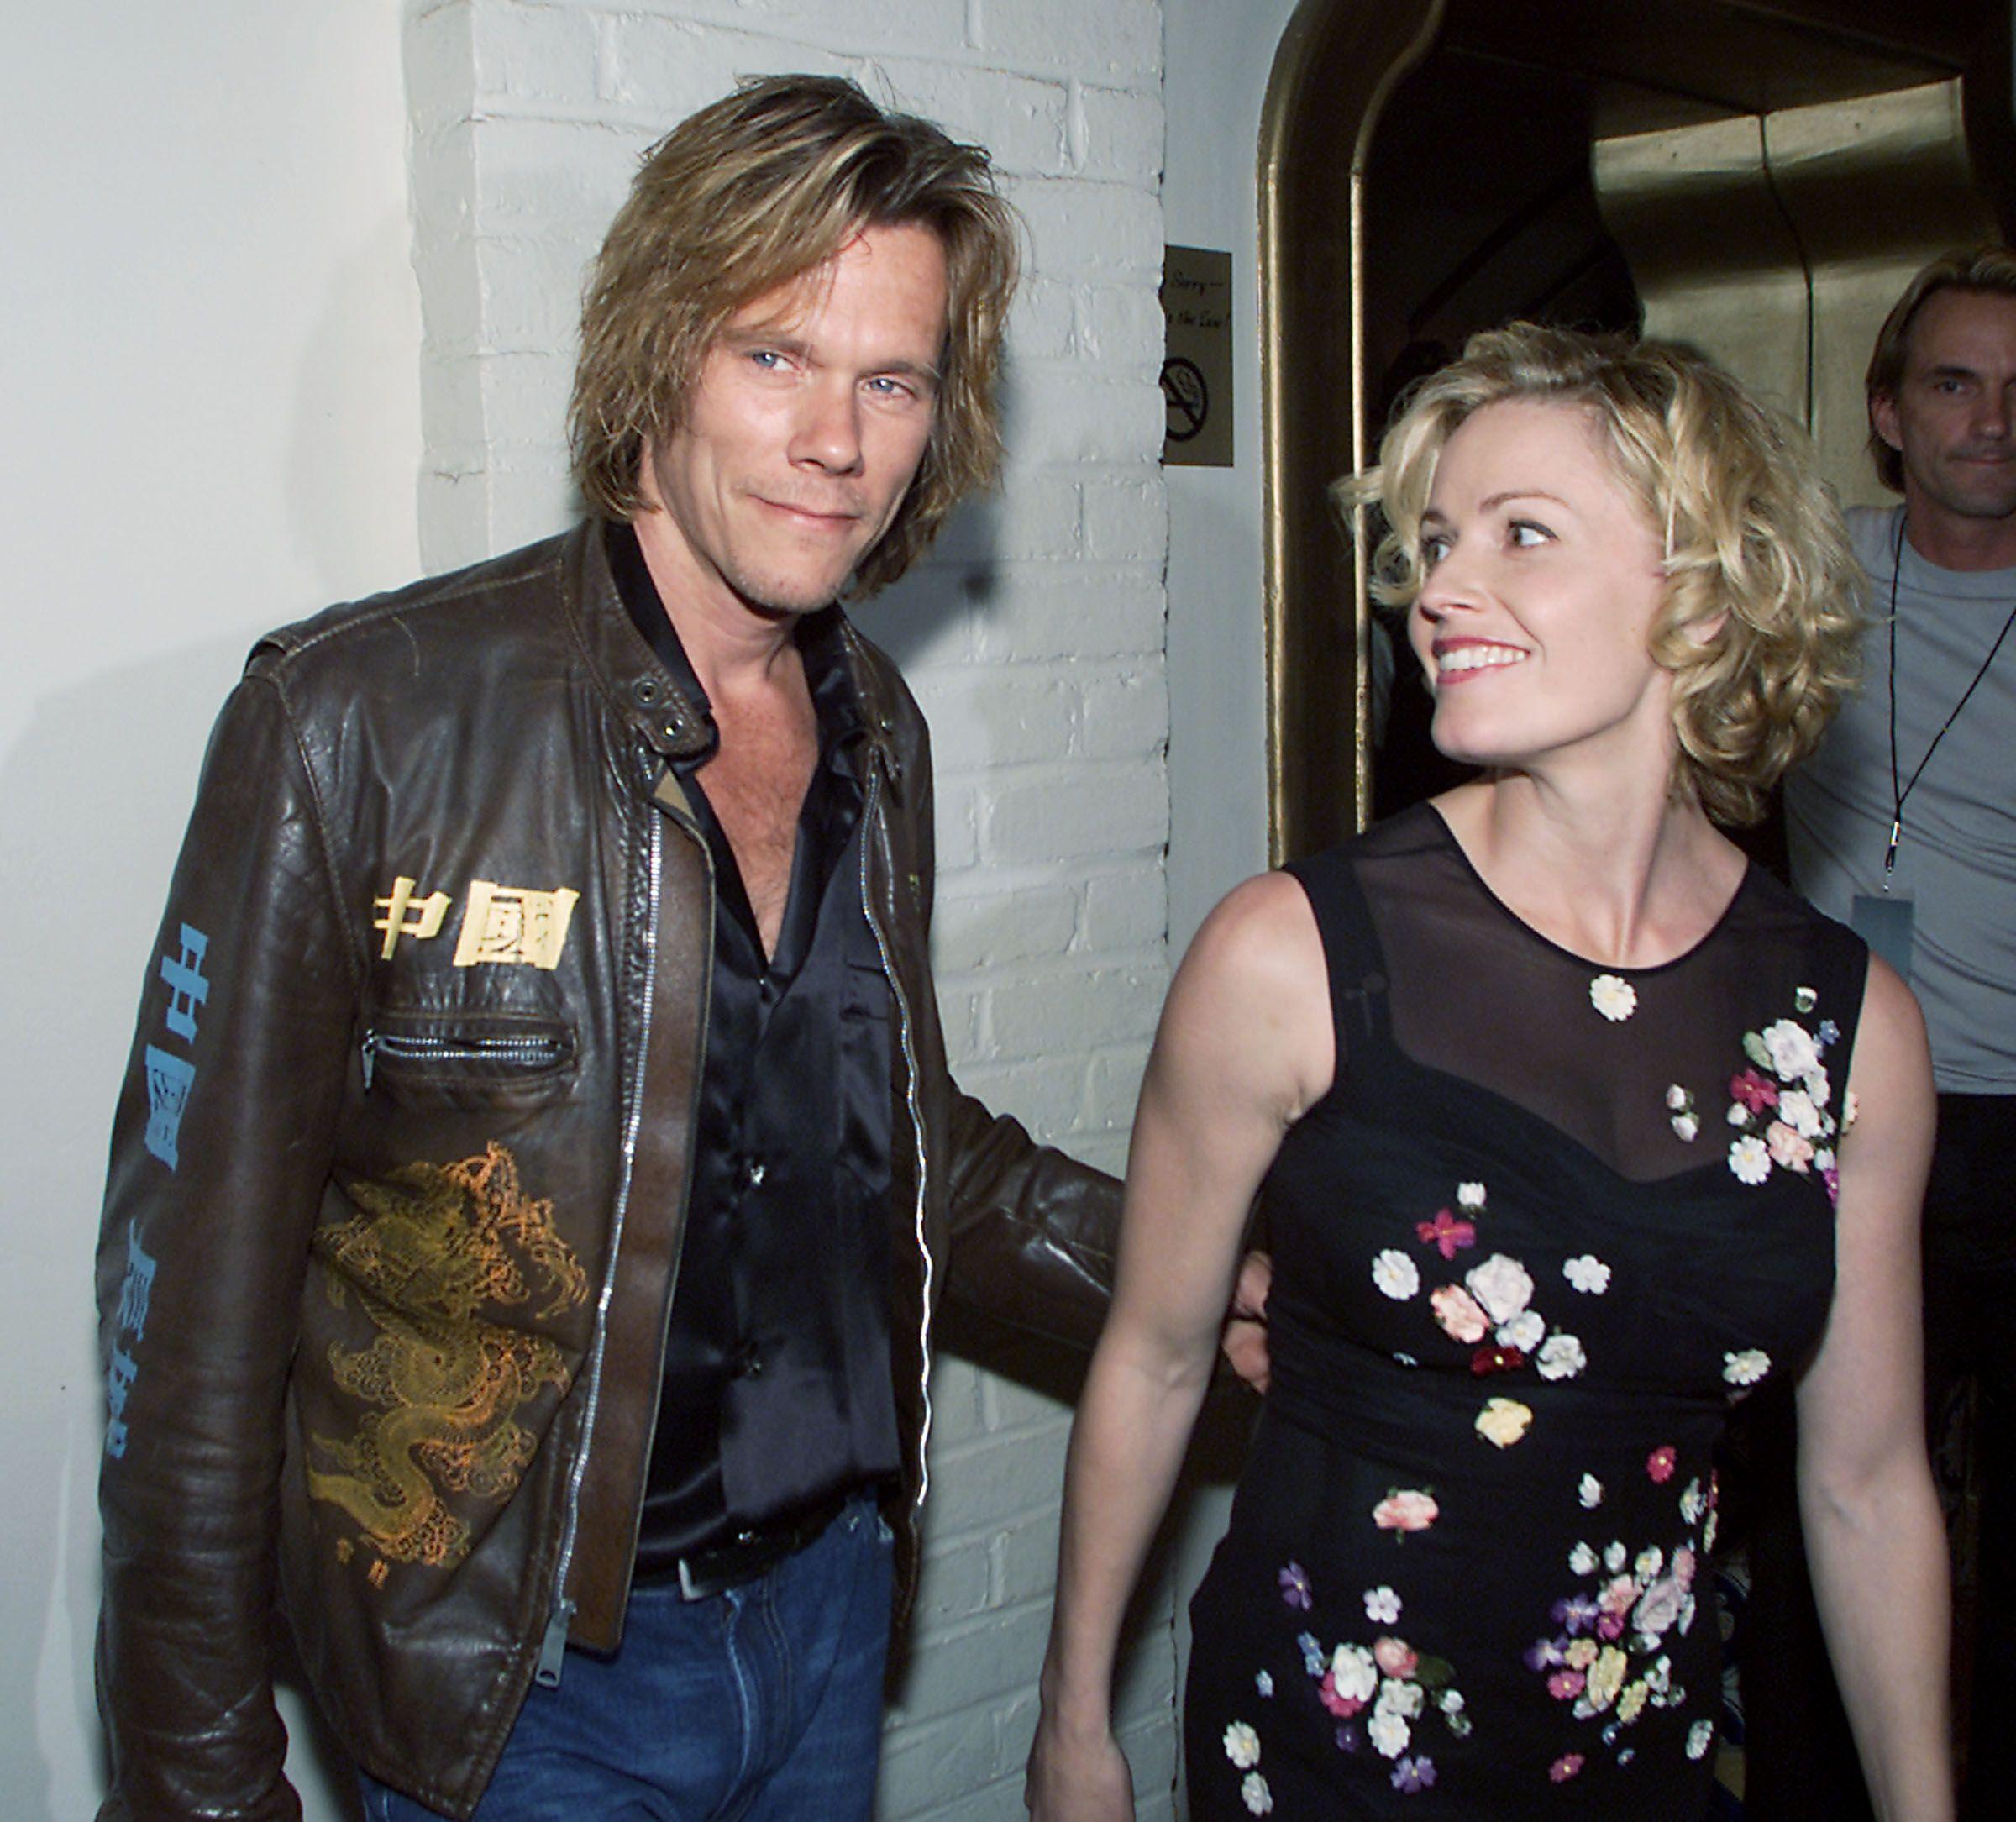 Fotos de la premiere de 'El hombre sin sombra' en el año 2000